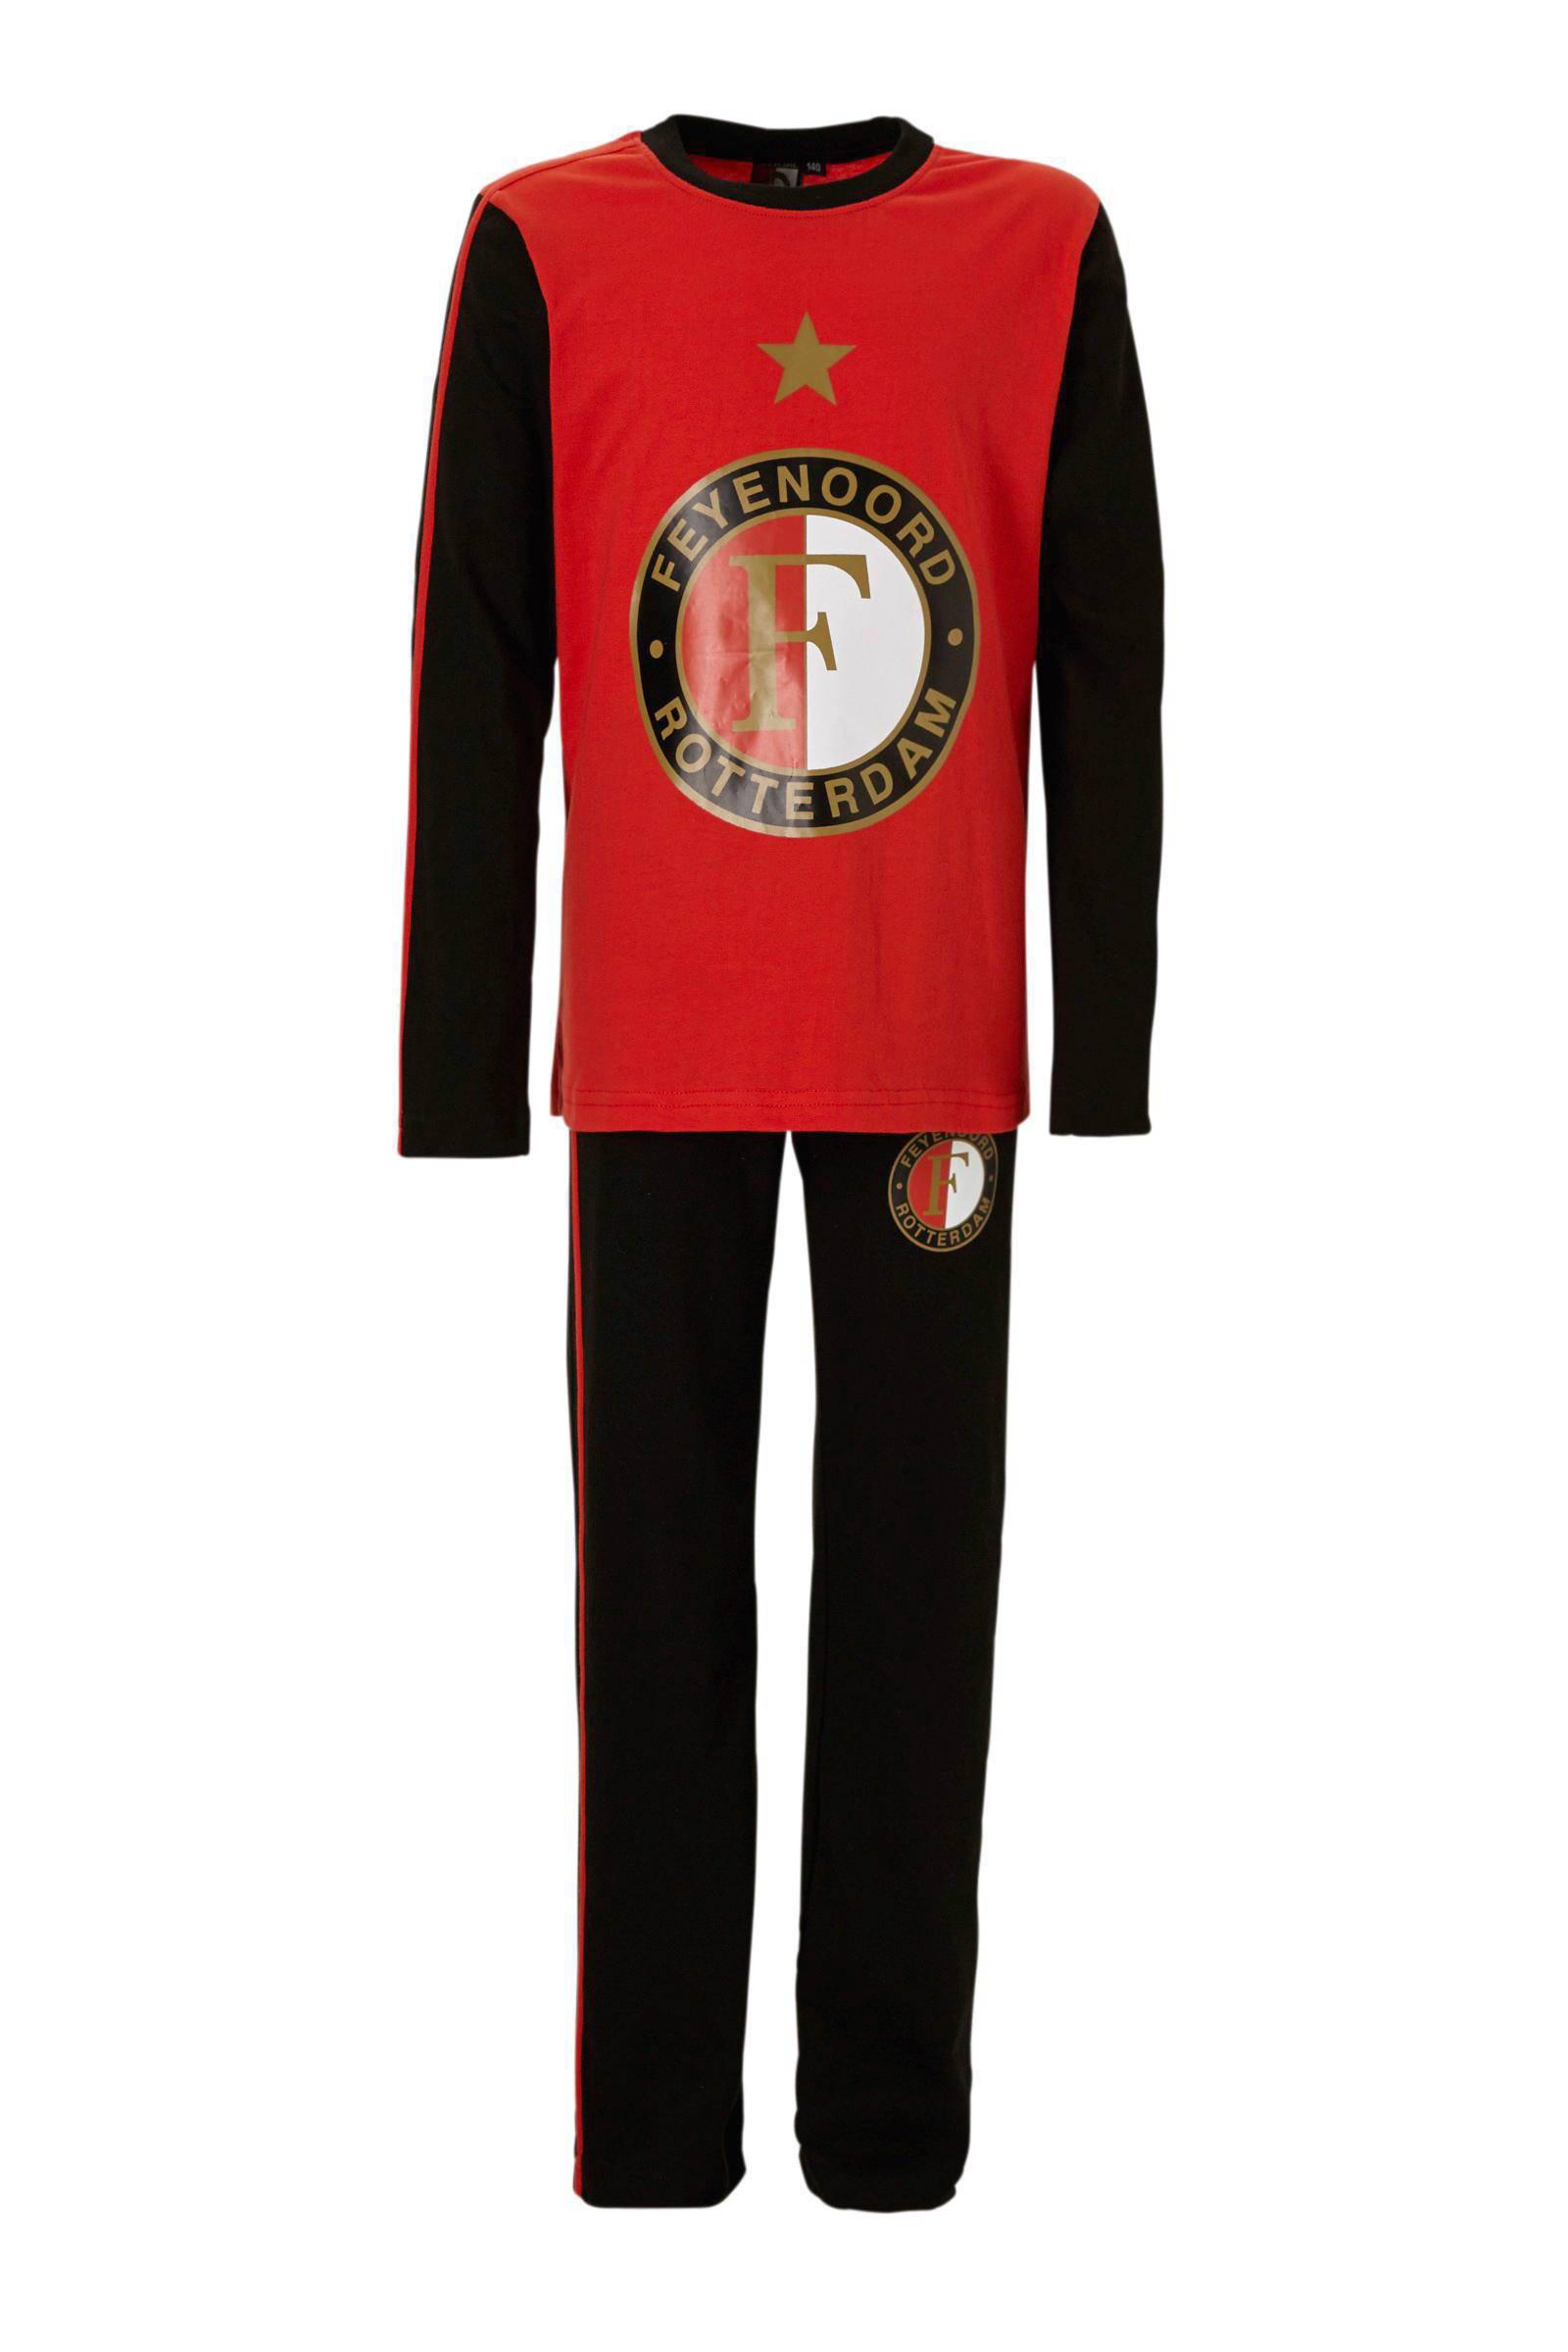 Feyenoord kids pyjama   wehkamp